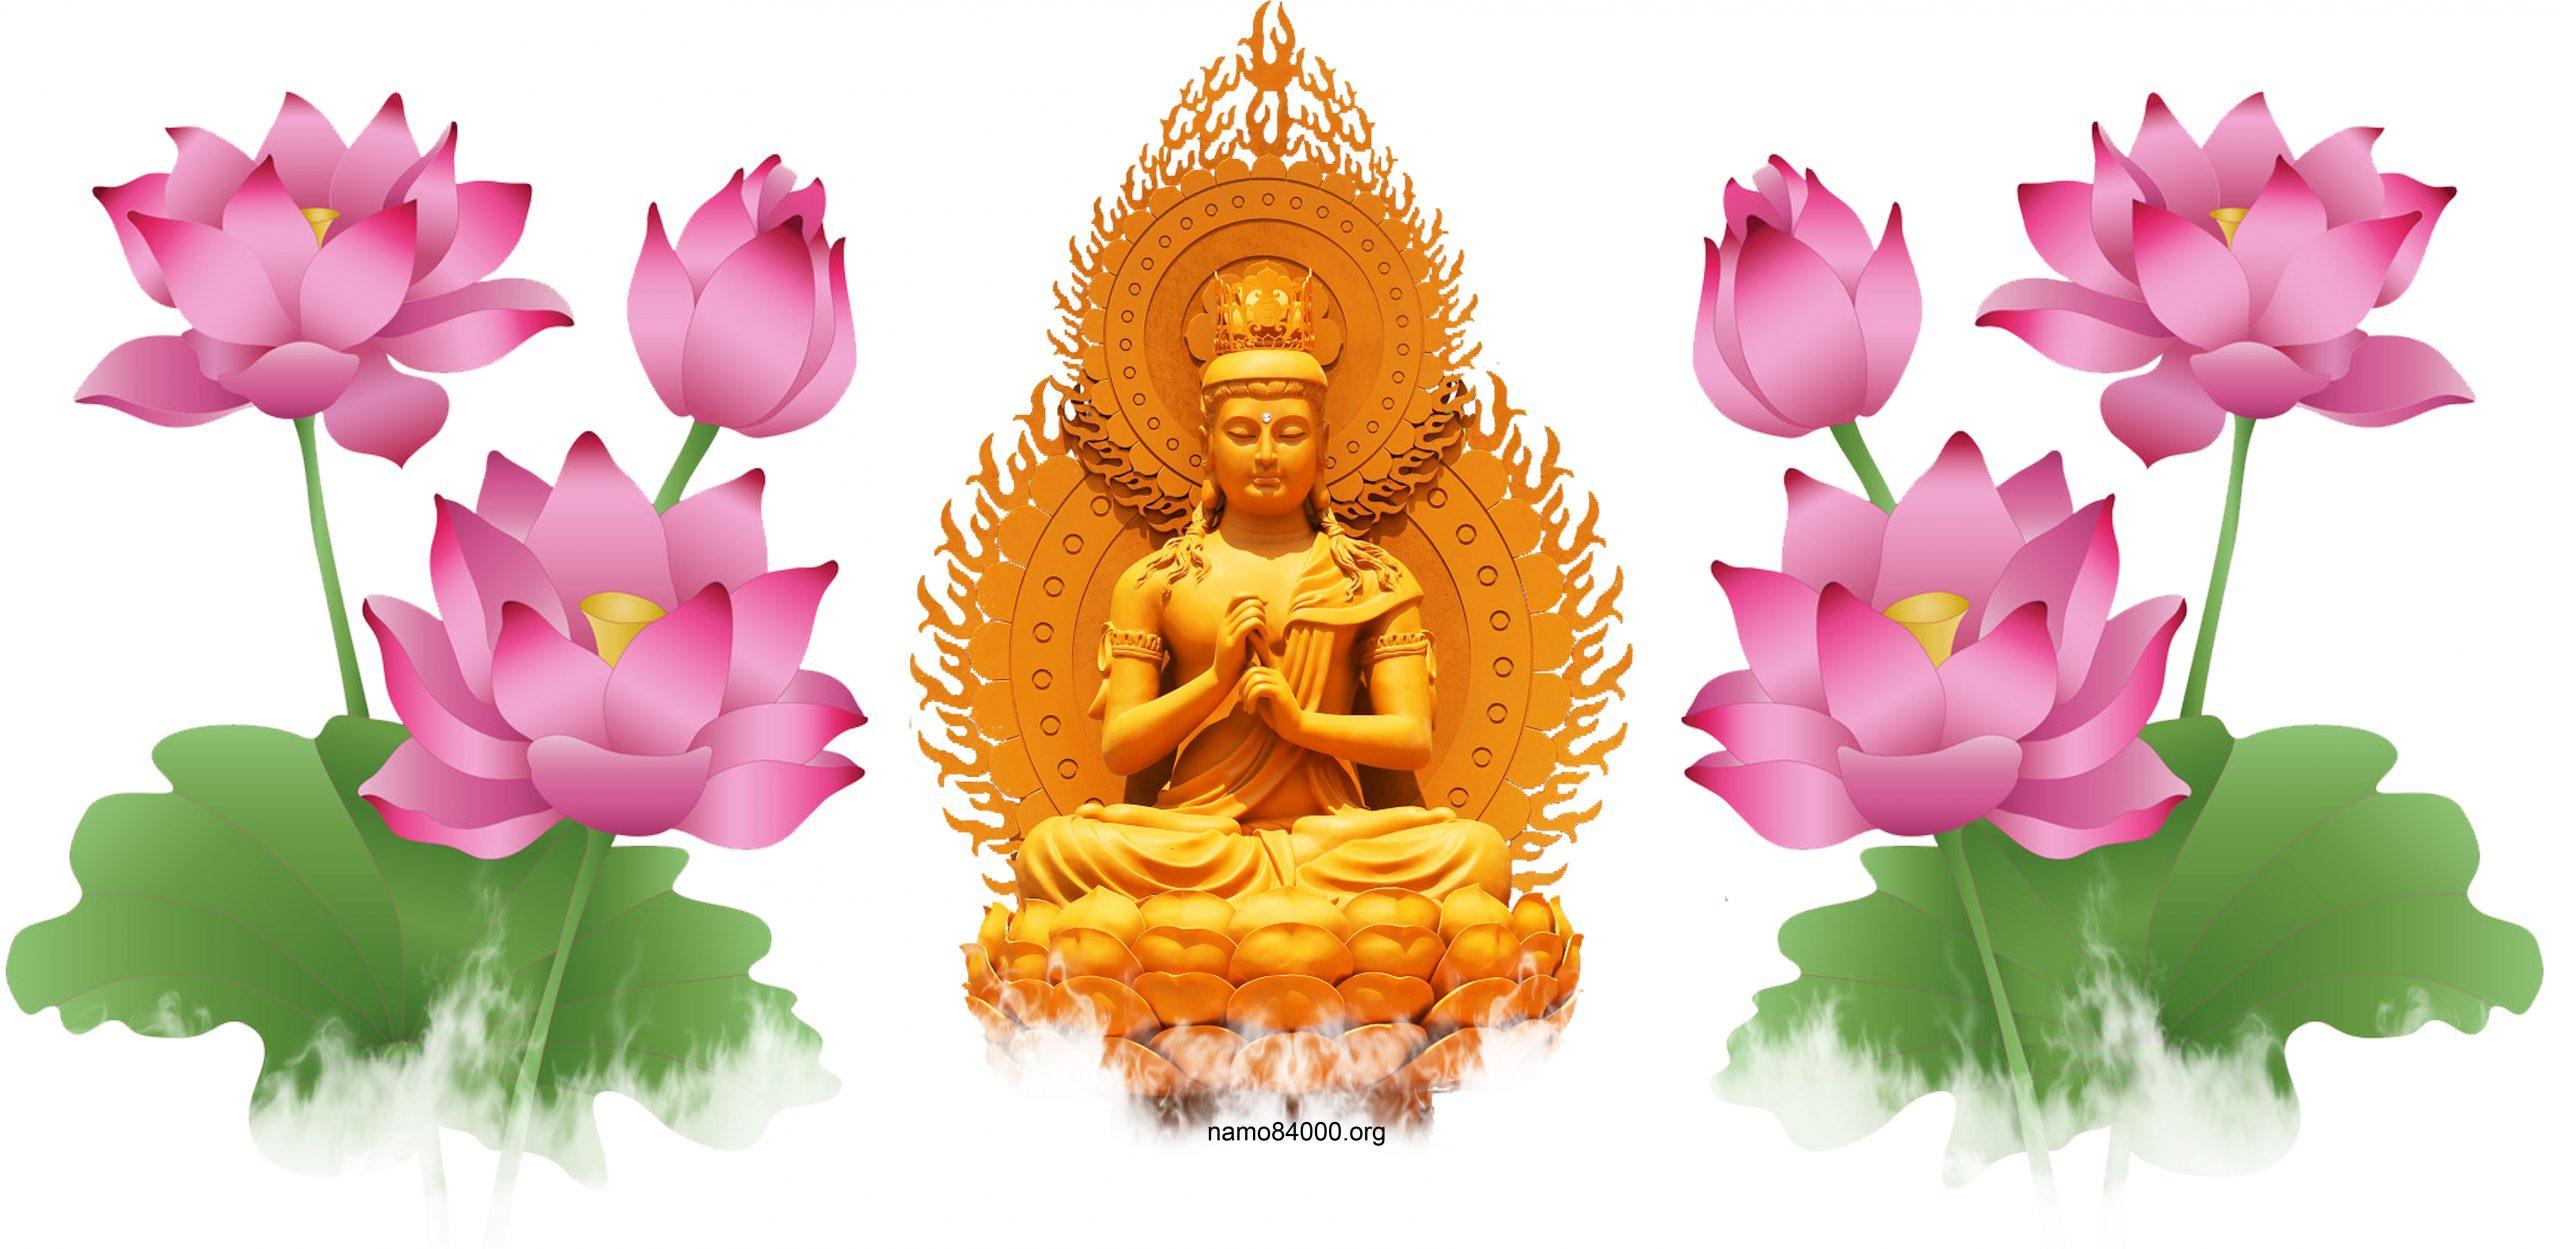 Tỳ Lô Giá Na Phật, Đại Nhật Như Lai – Maha-Vairochana – 大日如来, 毘盧遮那佛